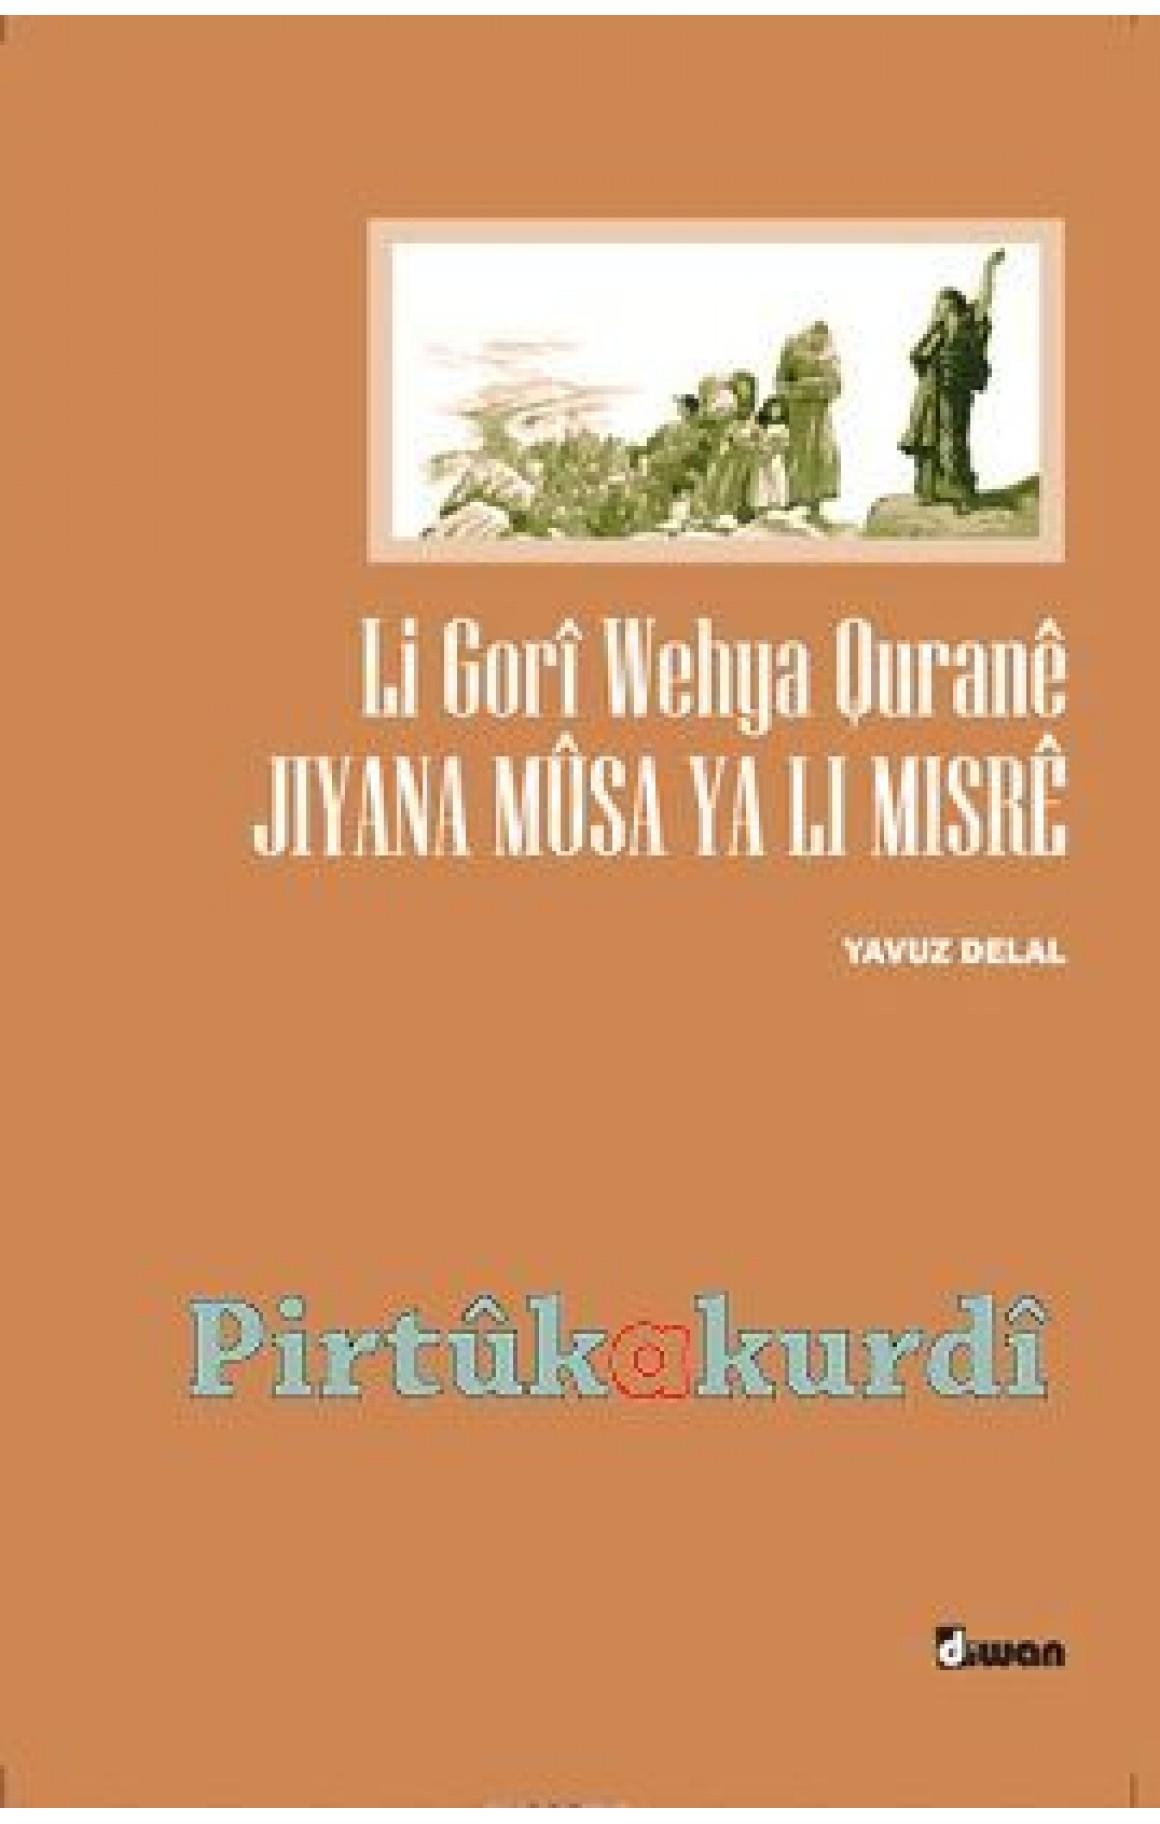 Li Gorî Wehya Quranê  Jiyana Musa Ya Li Misrê